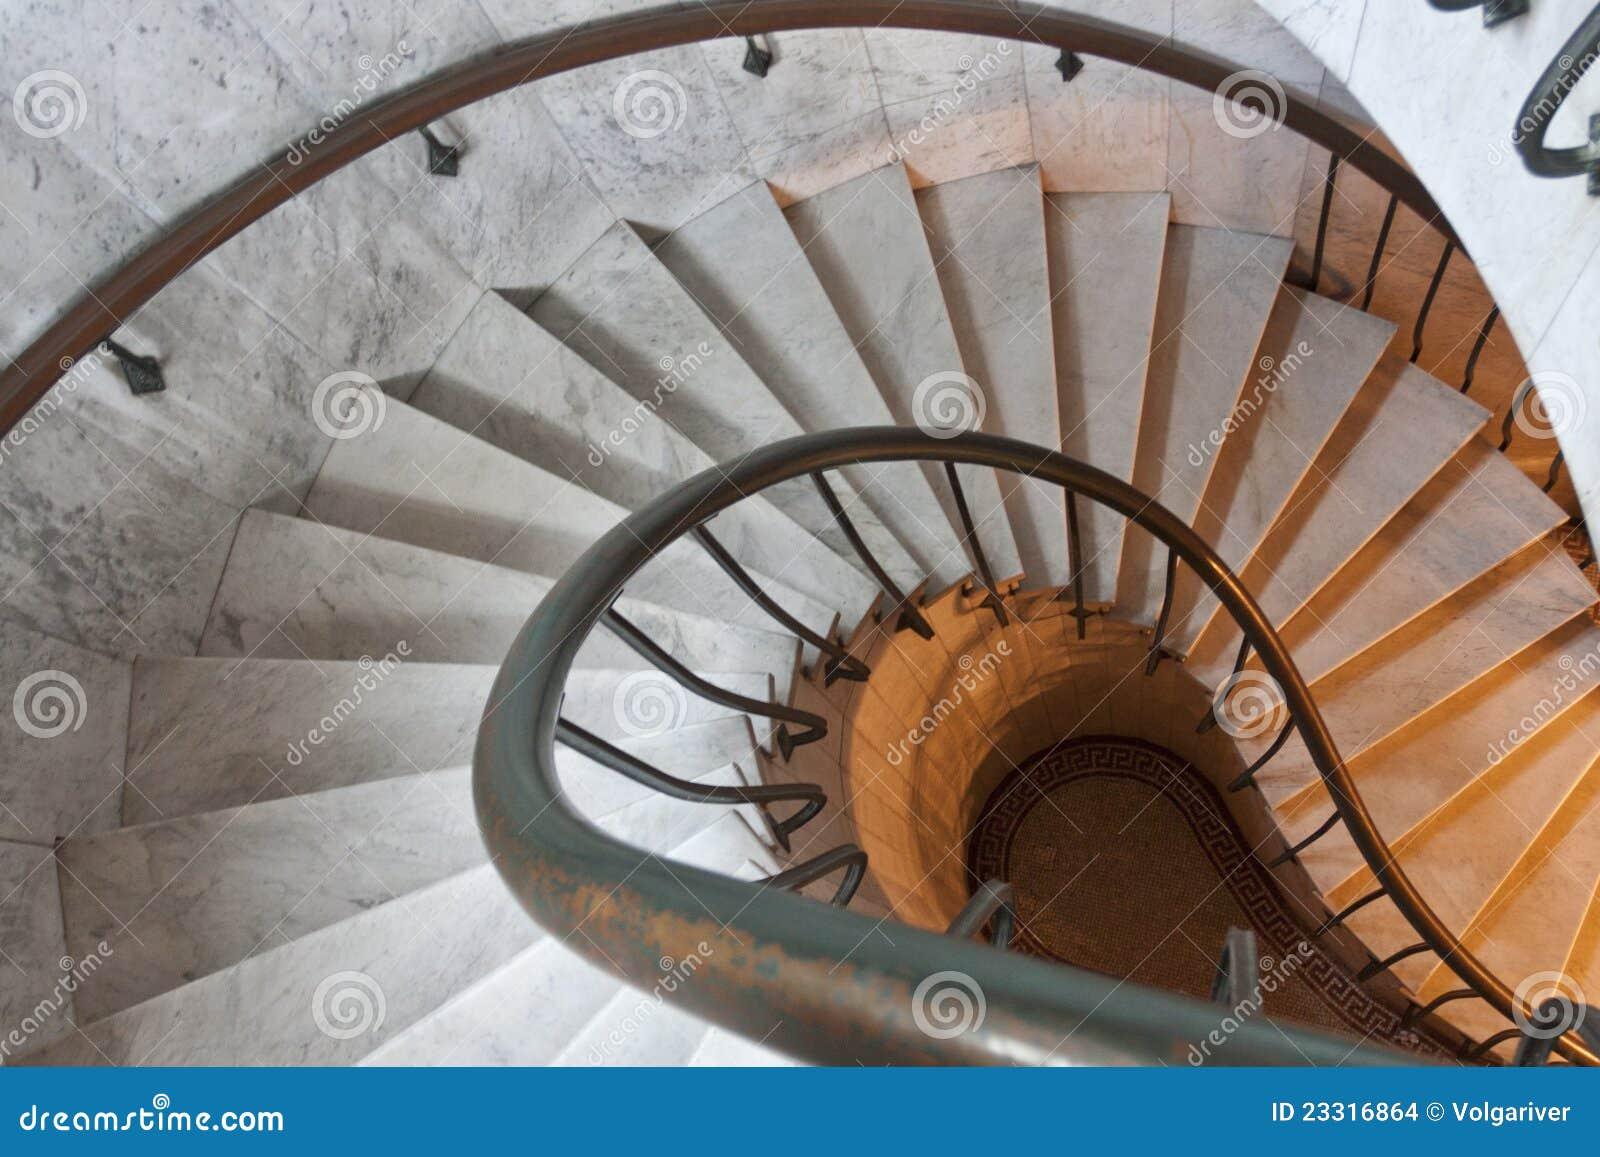 Escalier spiralé.